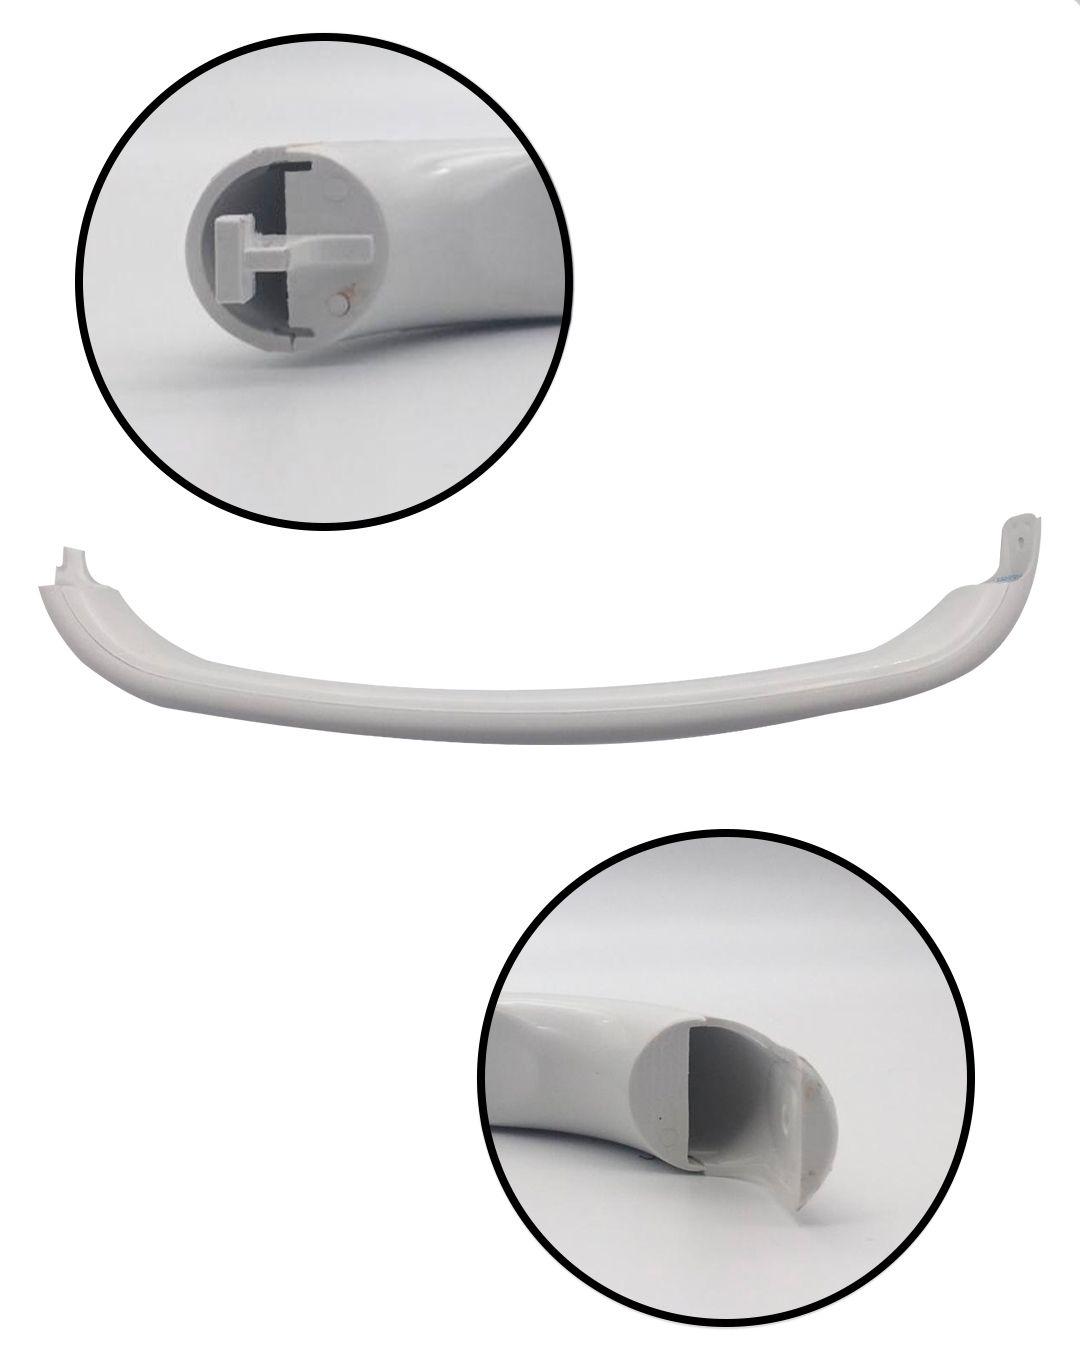 Puxador Branco Horizontal Geladeira - 2 Unidades - Bosch